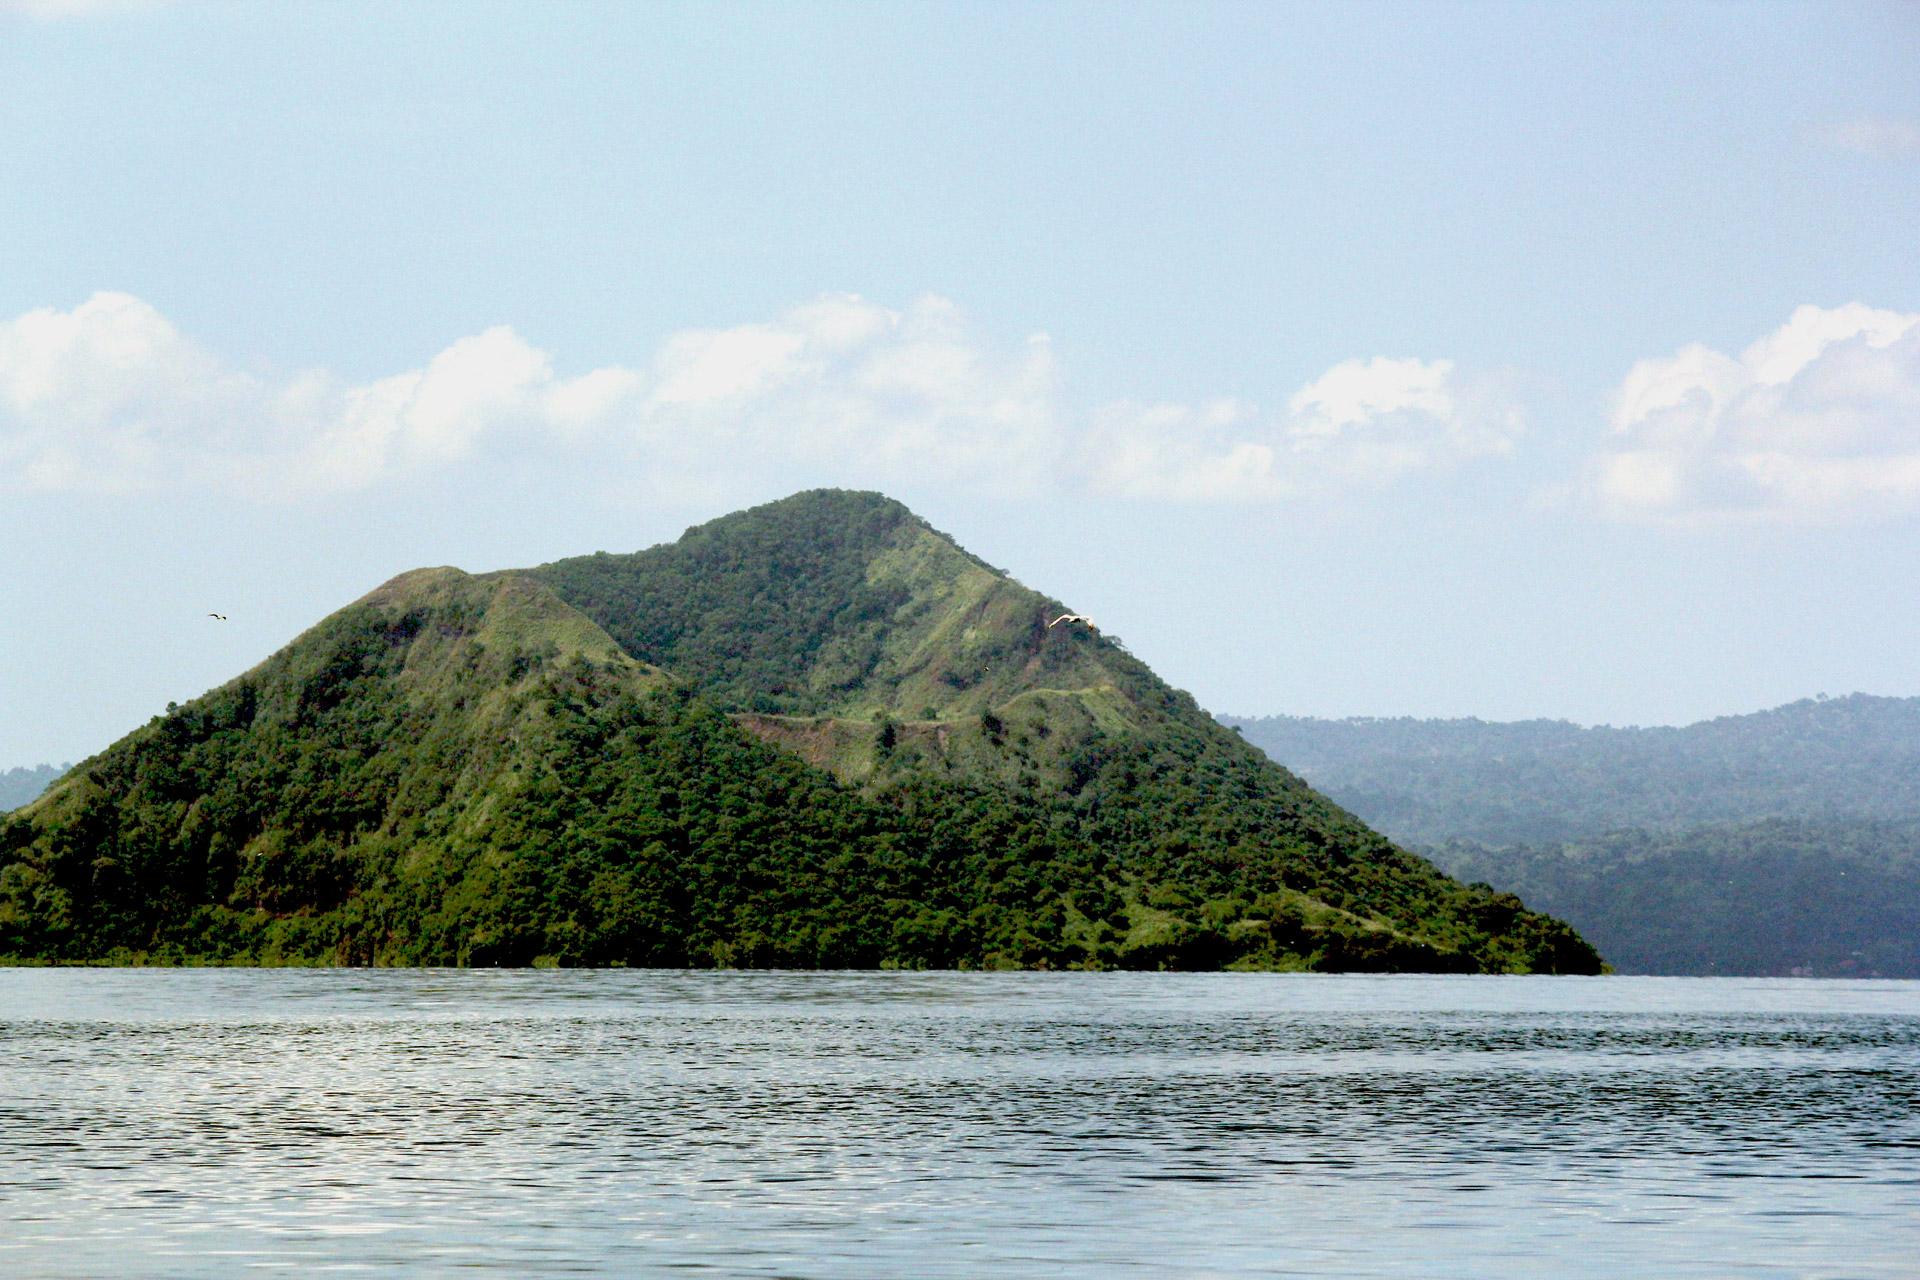 מישל, הר הגעש והמפרום הפיליפיני